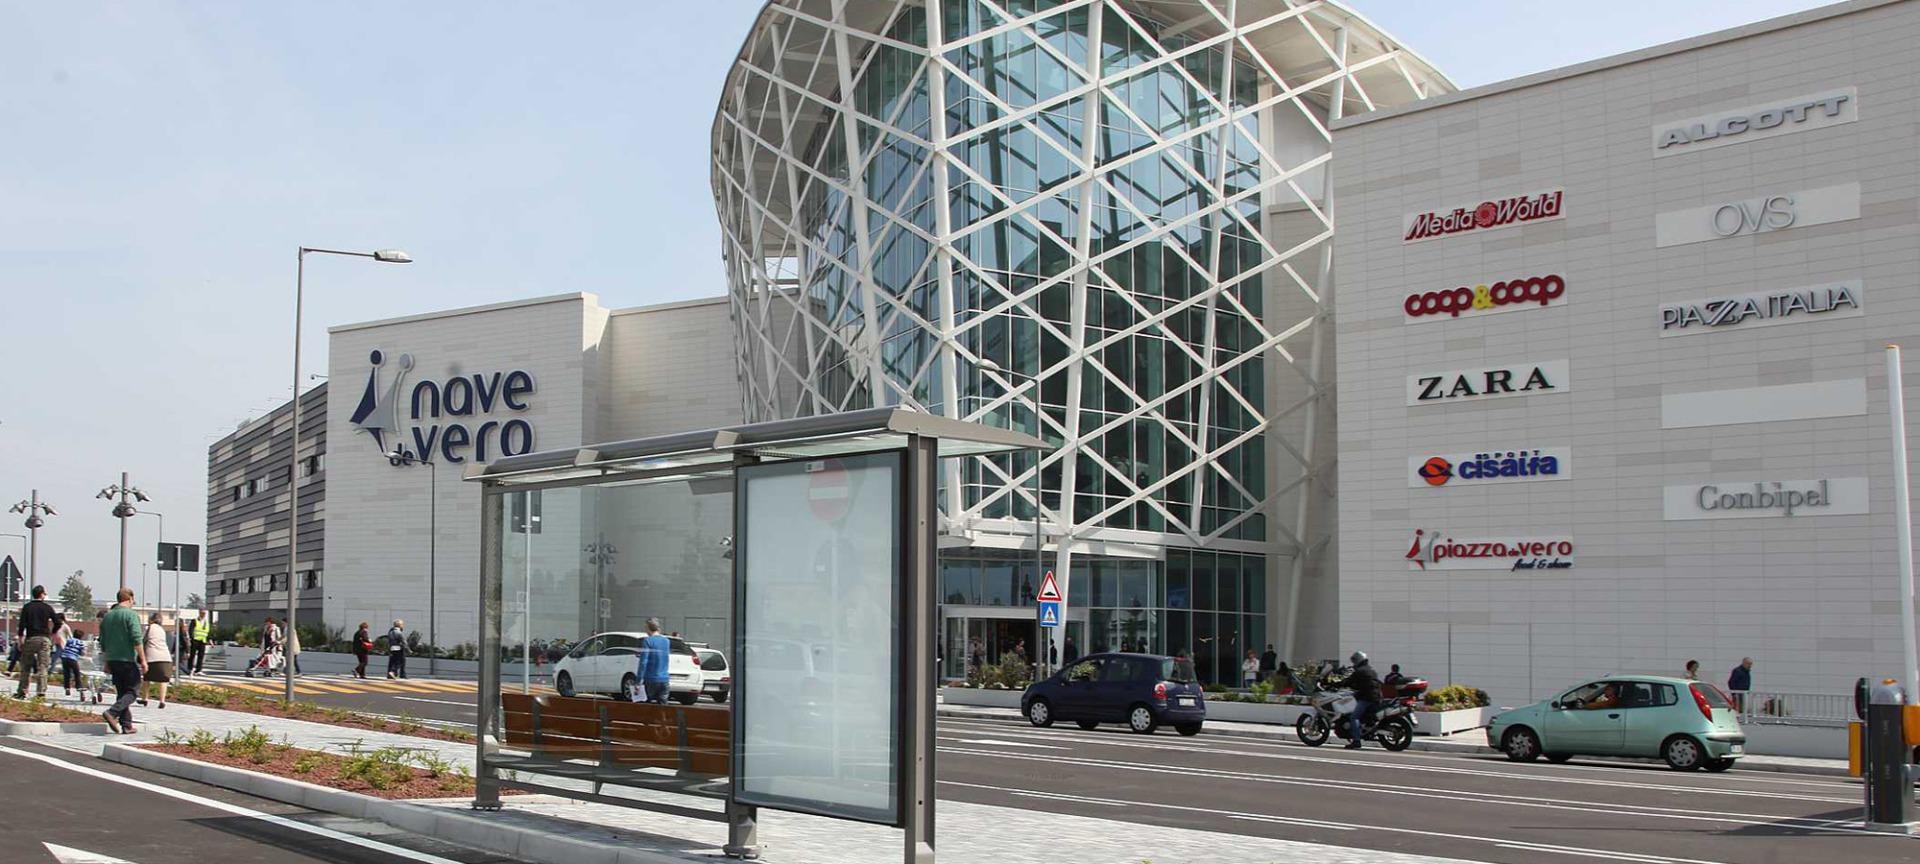 Shopping Mall Nave De Vero, Marghera Venice